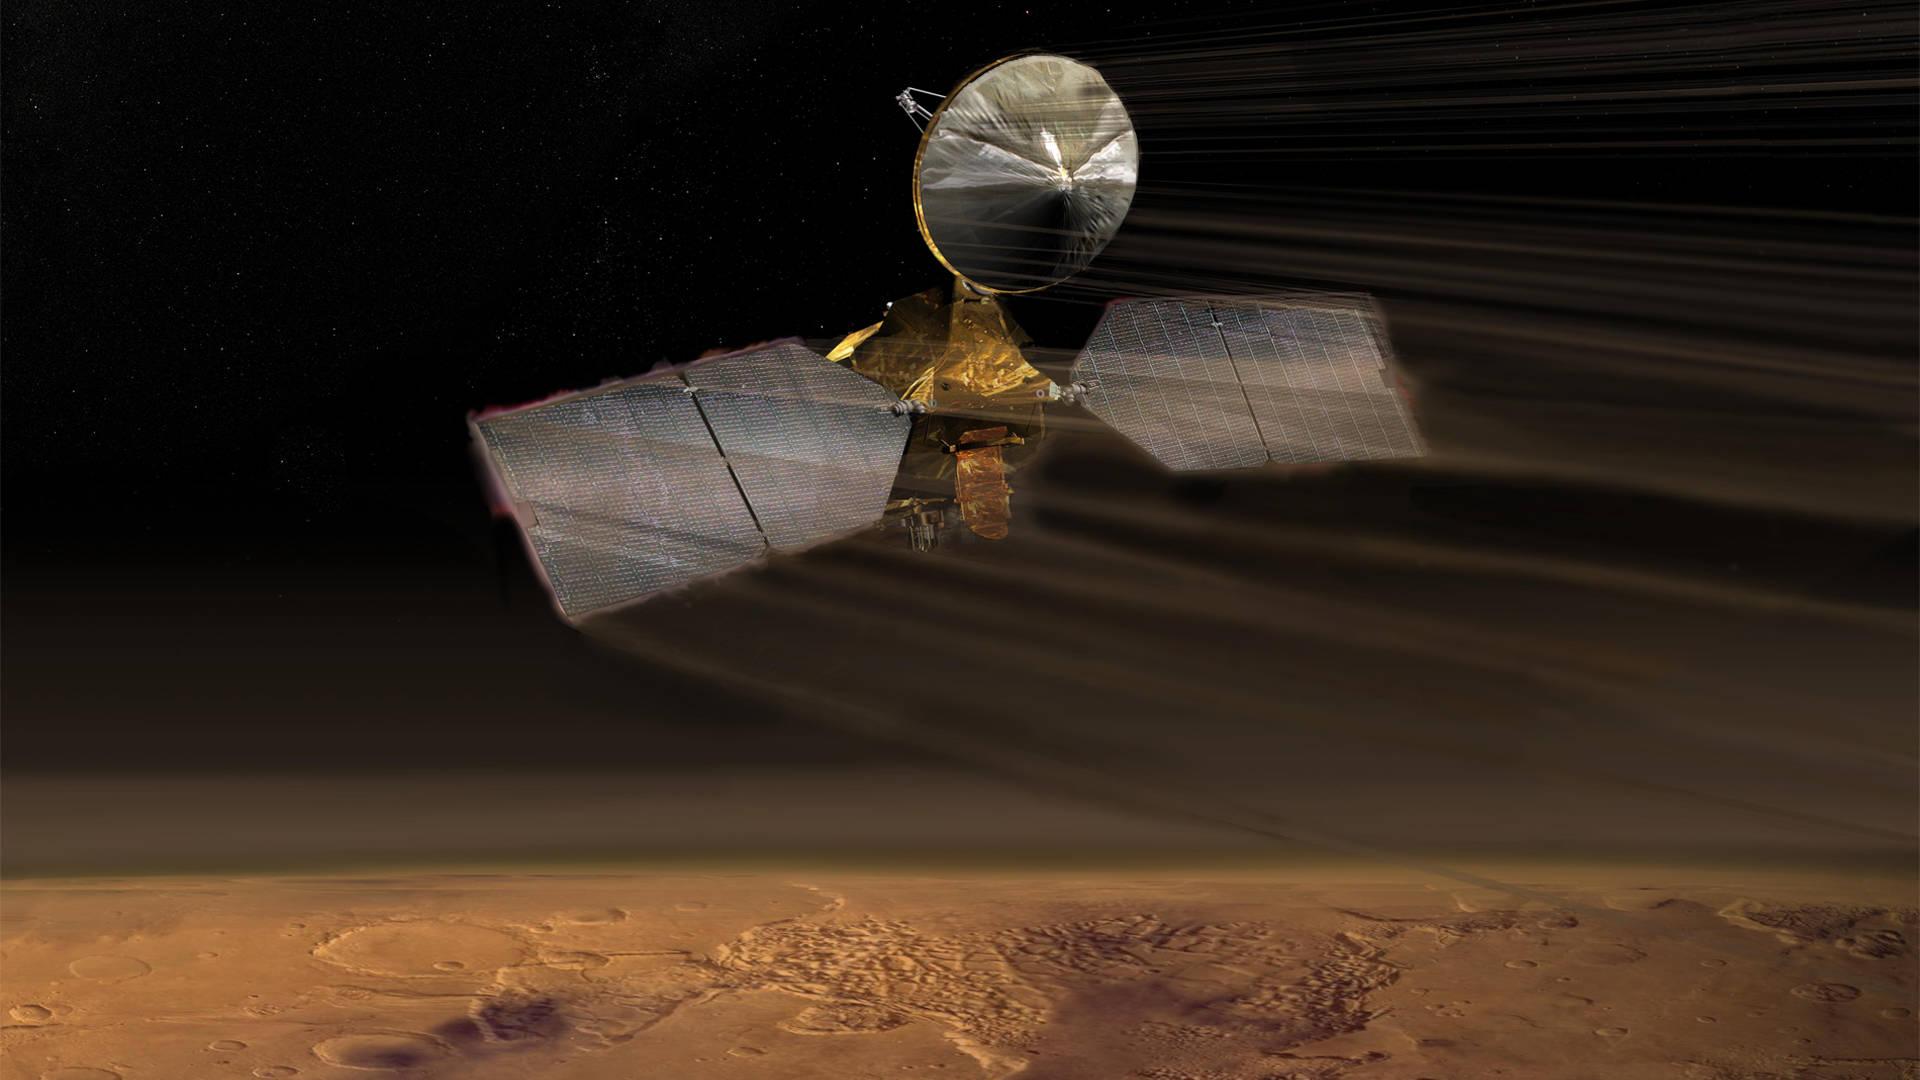 NASA/JPL/Corby Waste